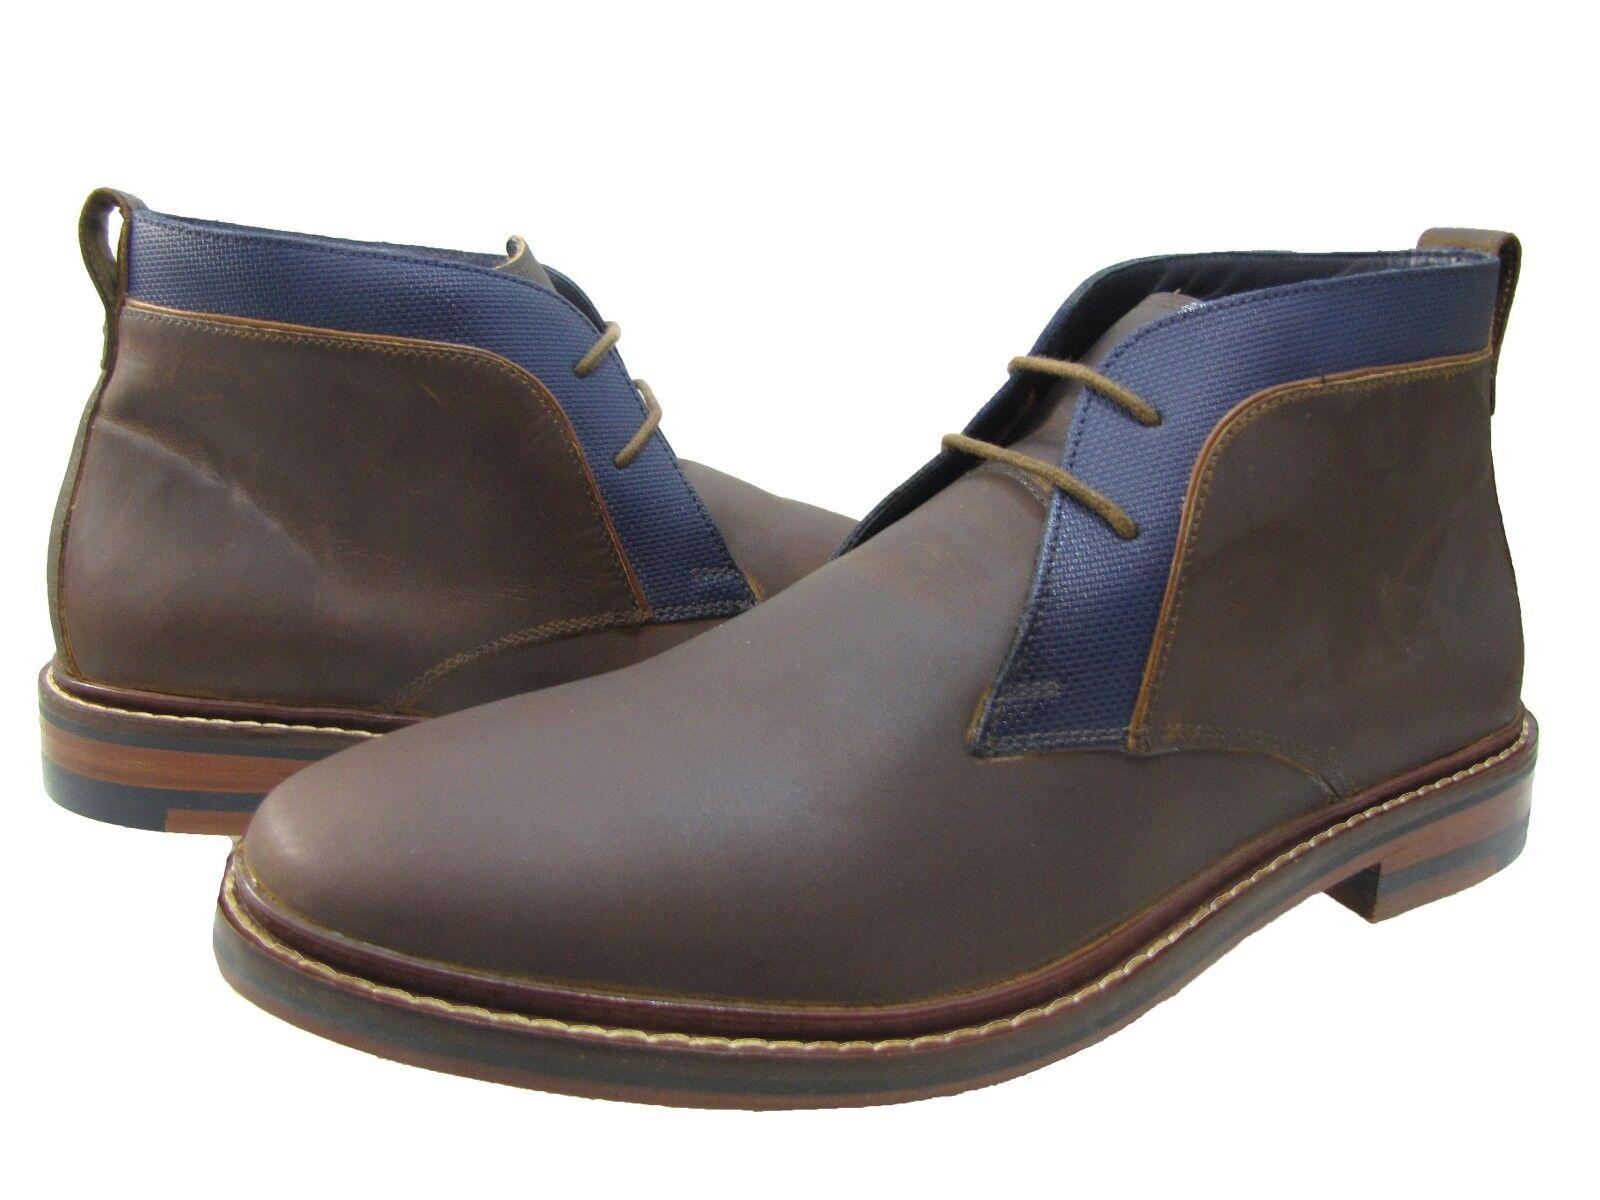 Cole Haan Cambridge pour Homme Chukka à Lacets Affaires Décontracté Bottines Chaussures